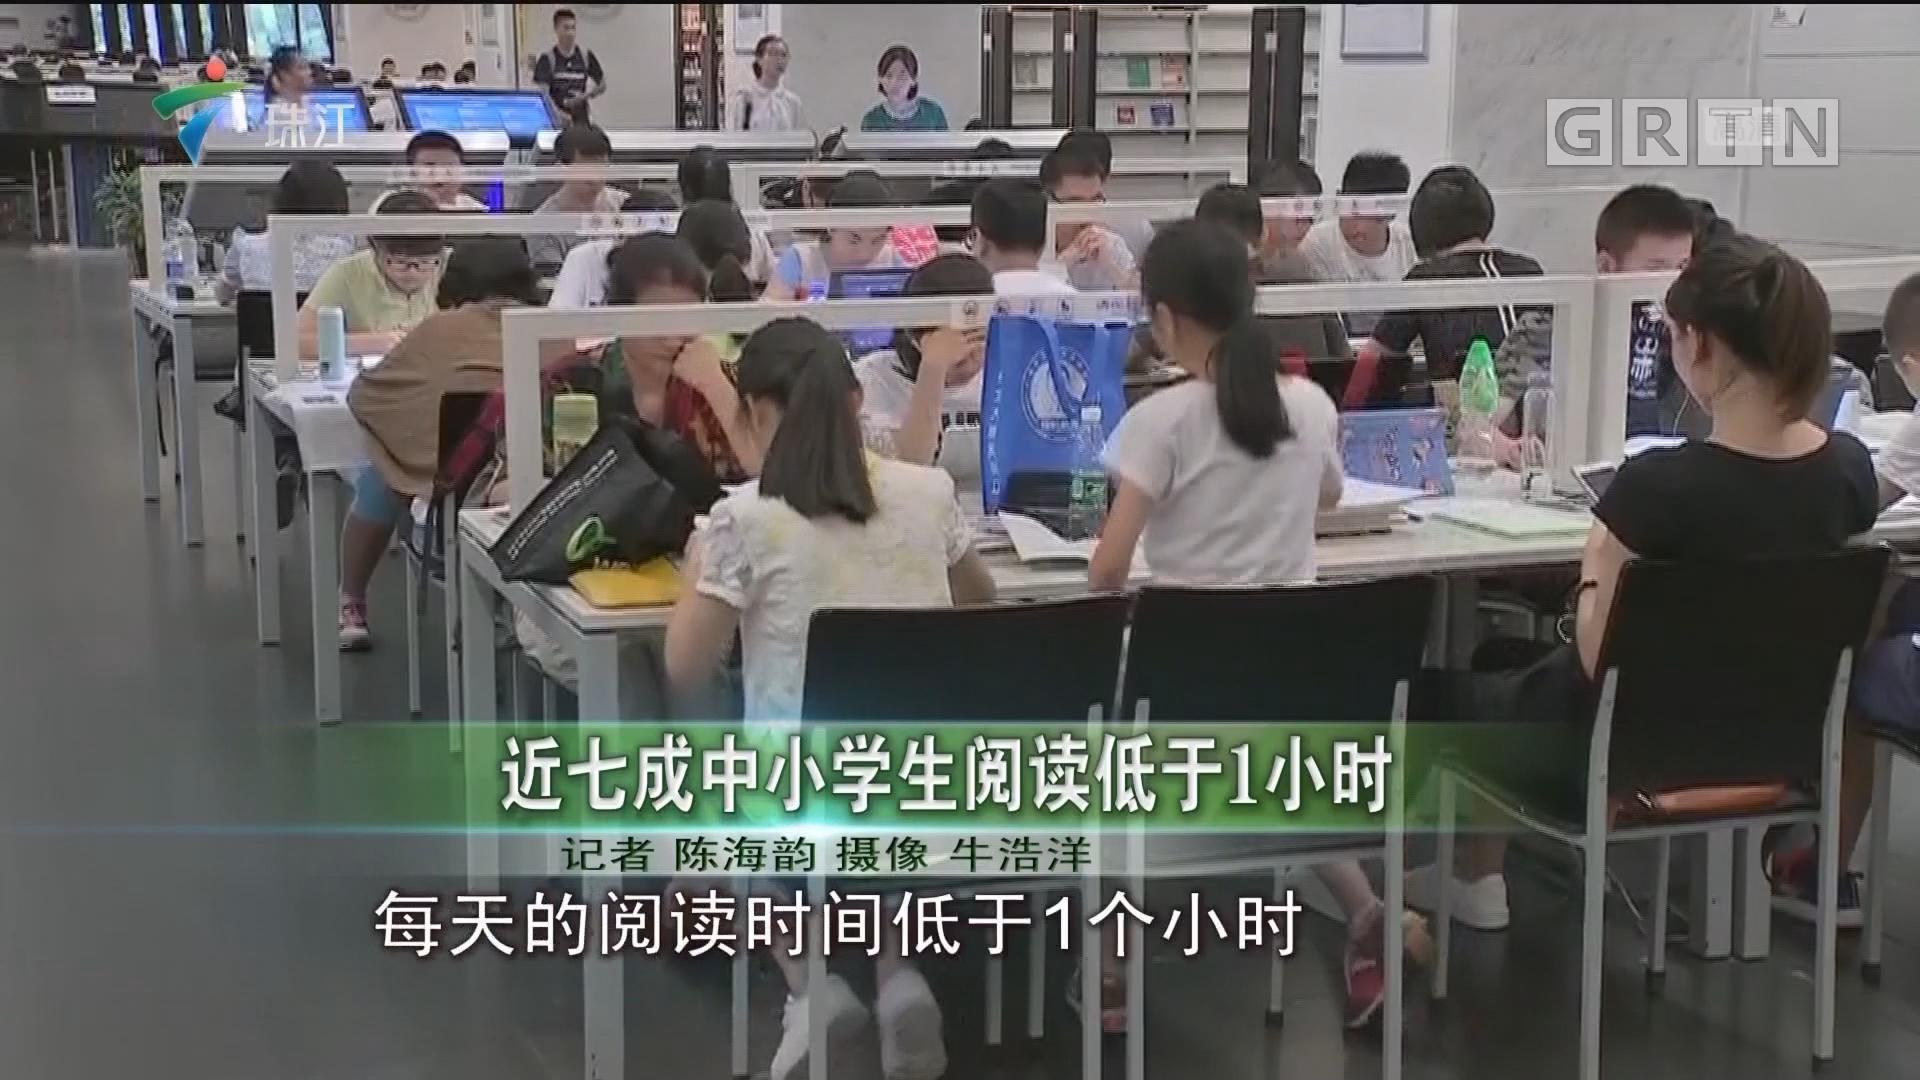 近七成中小学生阅读低于1小时